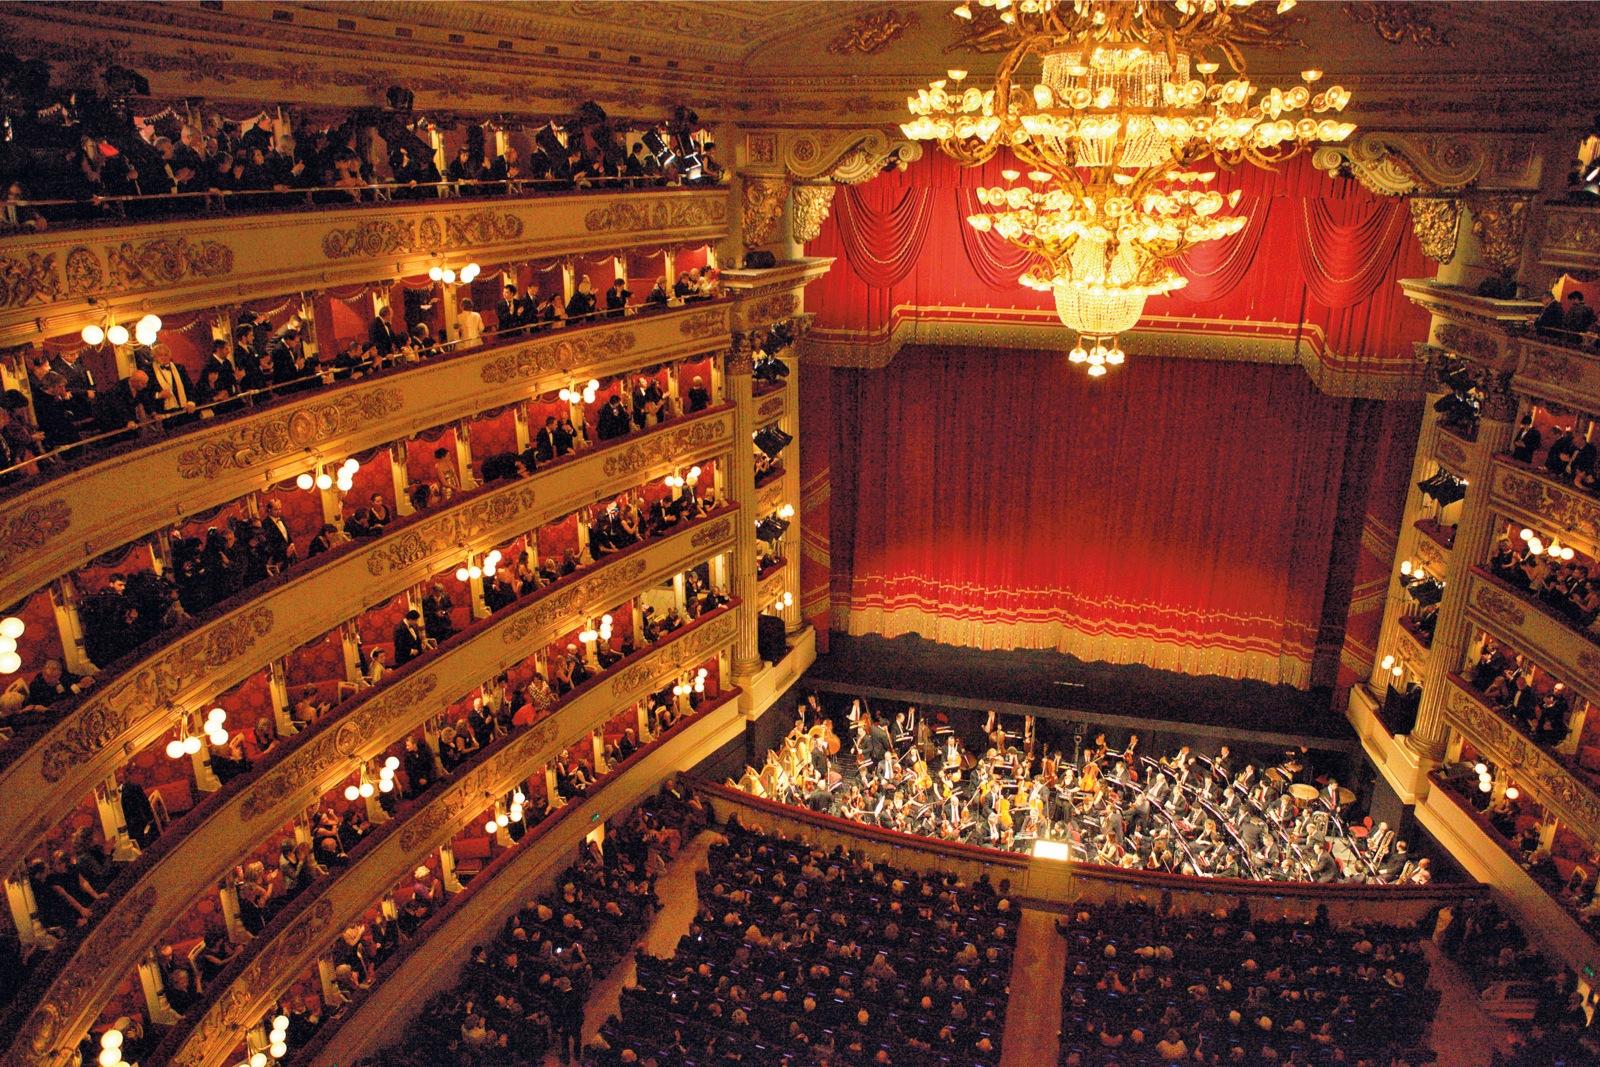 Hành trình khám phá Châu Âu 10N9Đ - Nhà hát La Scala